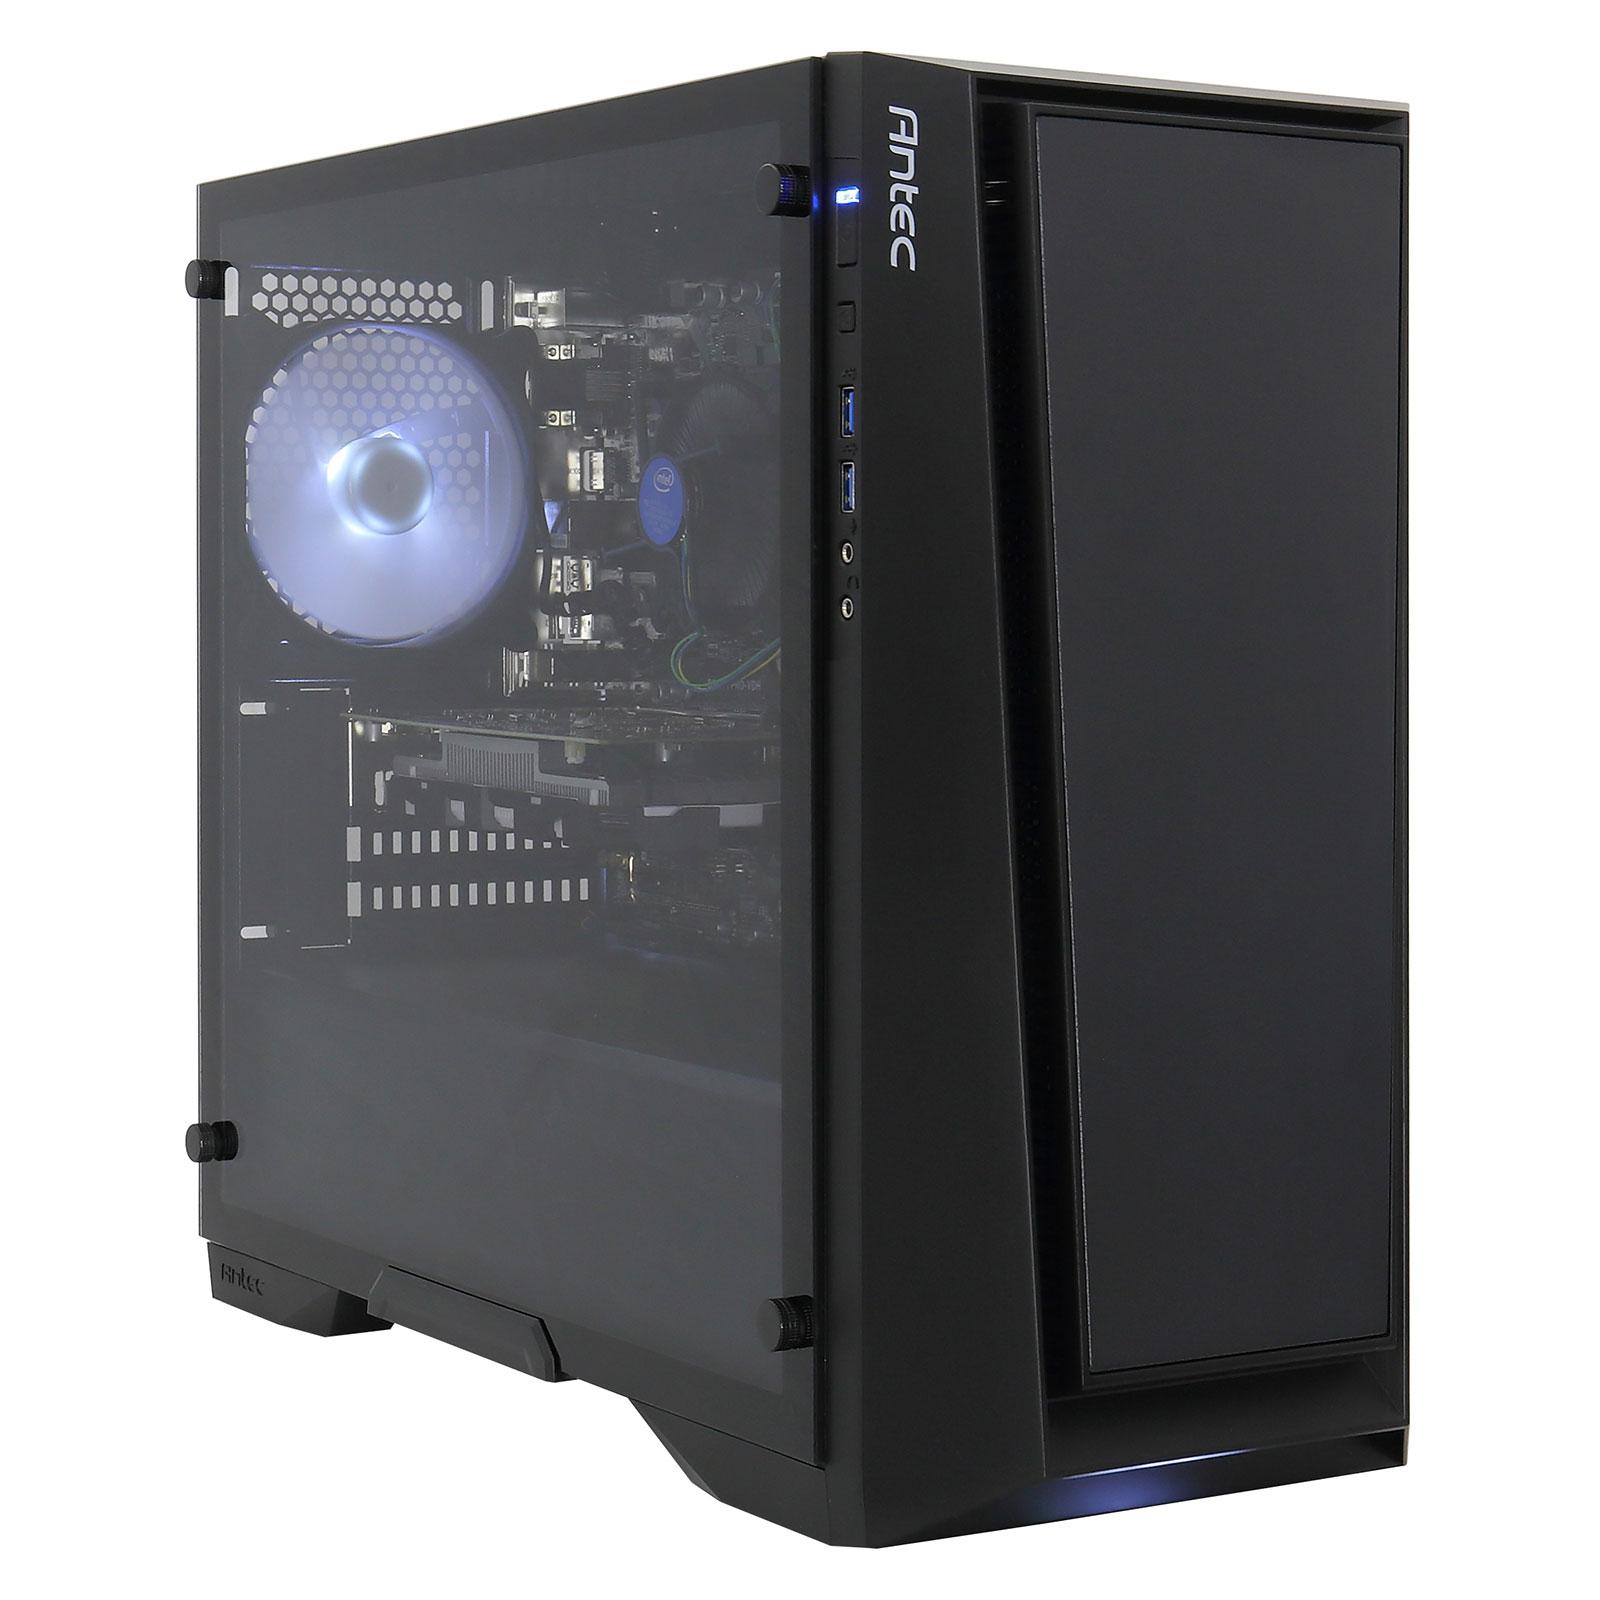 PC de bureau LDLC PC Battlebox Mini Intel Core i5-8400 (2.8 GHz) - DDR4 8 Go - SSD M.2 240 Go -  NVIDIA GTX 1050 Ti 4 Go (sans OS - non monté)